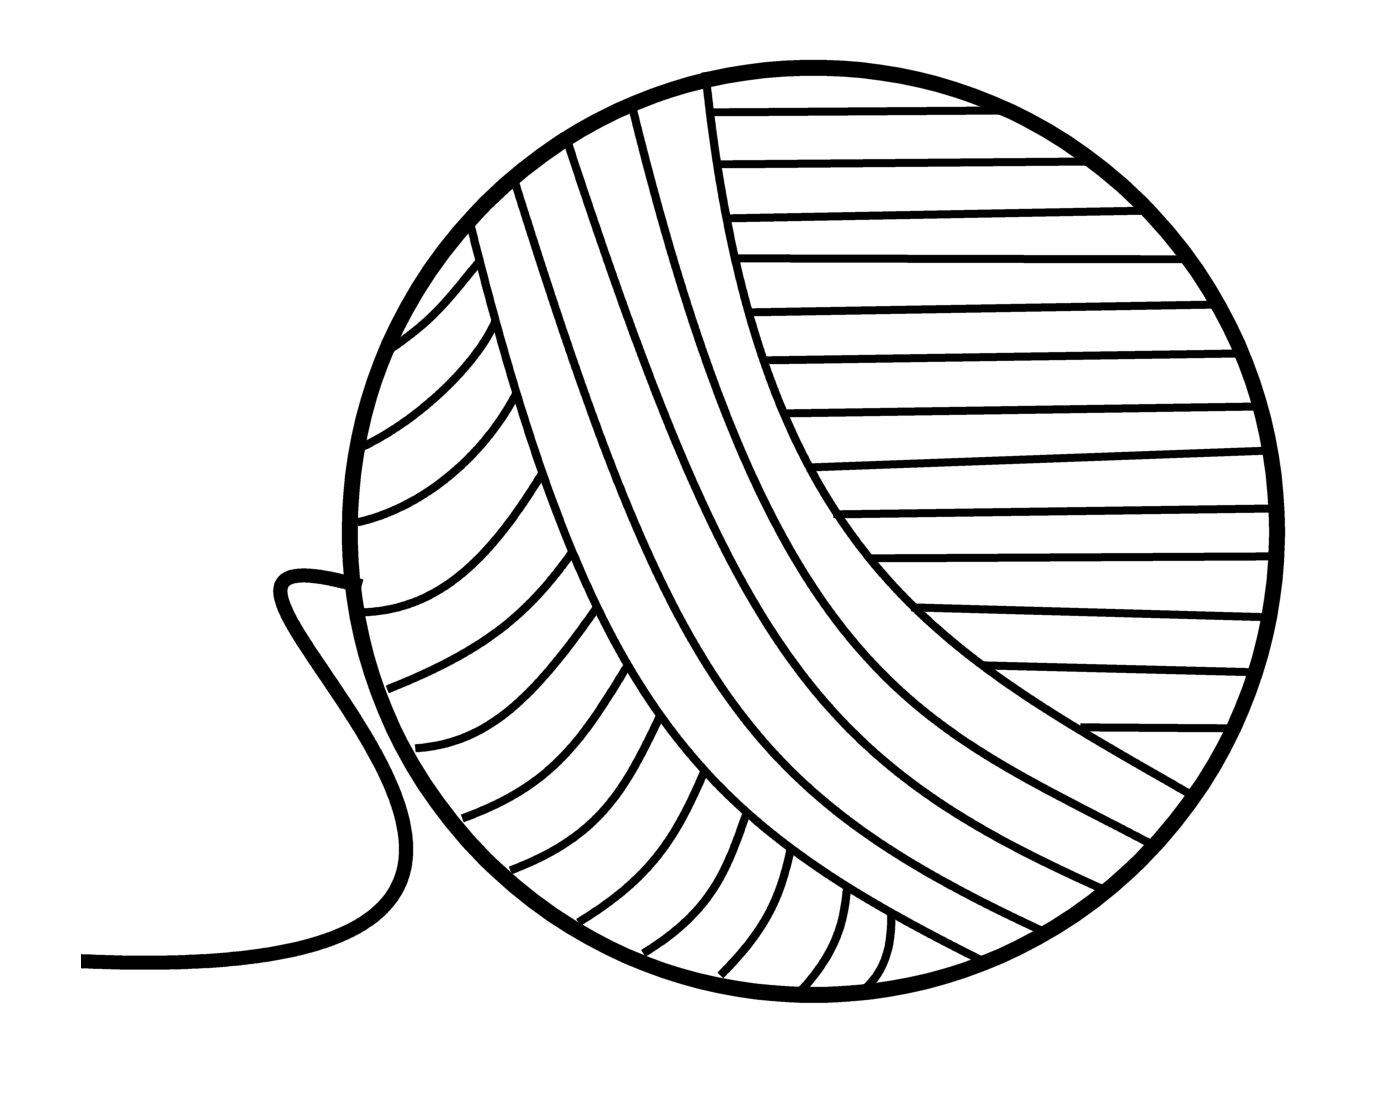 1392x1107 Ball Of Yarn Drawing Scribbles Designs Freebie Friday Ball Of Yarn